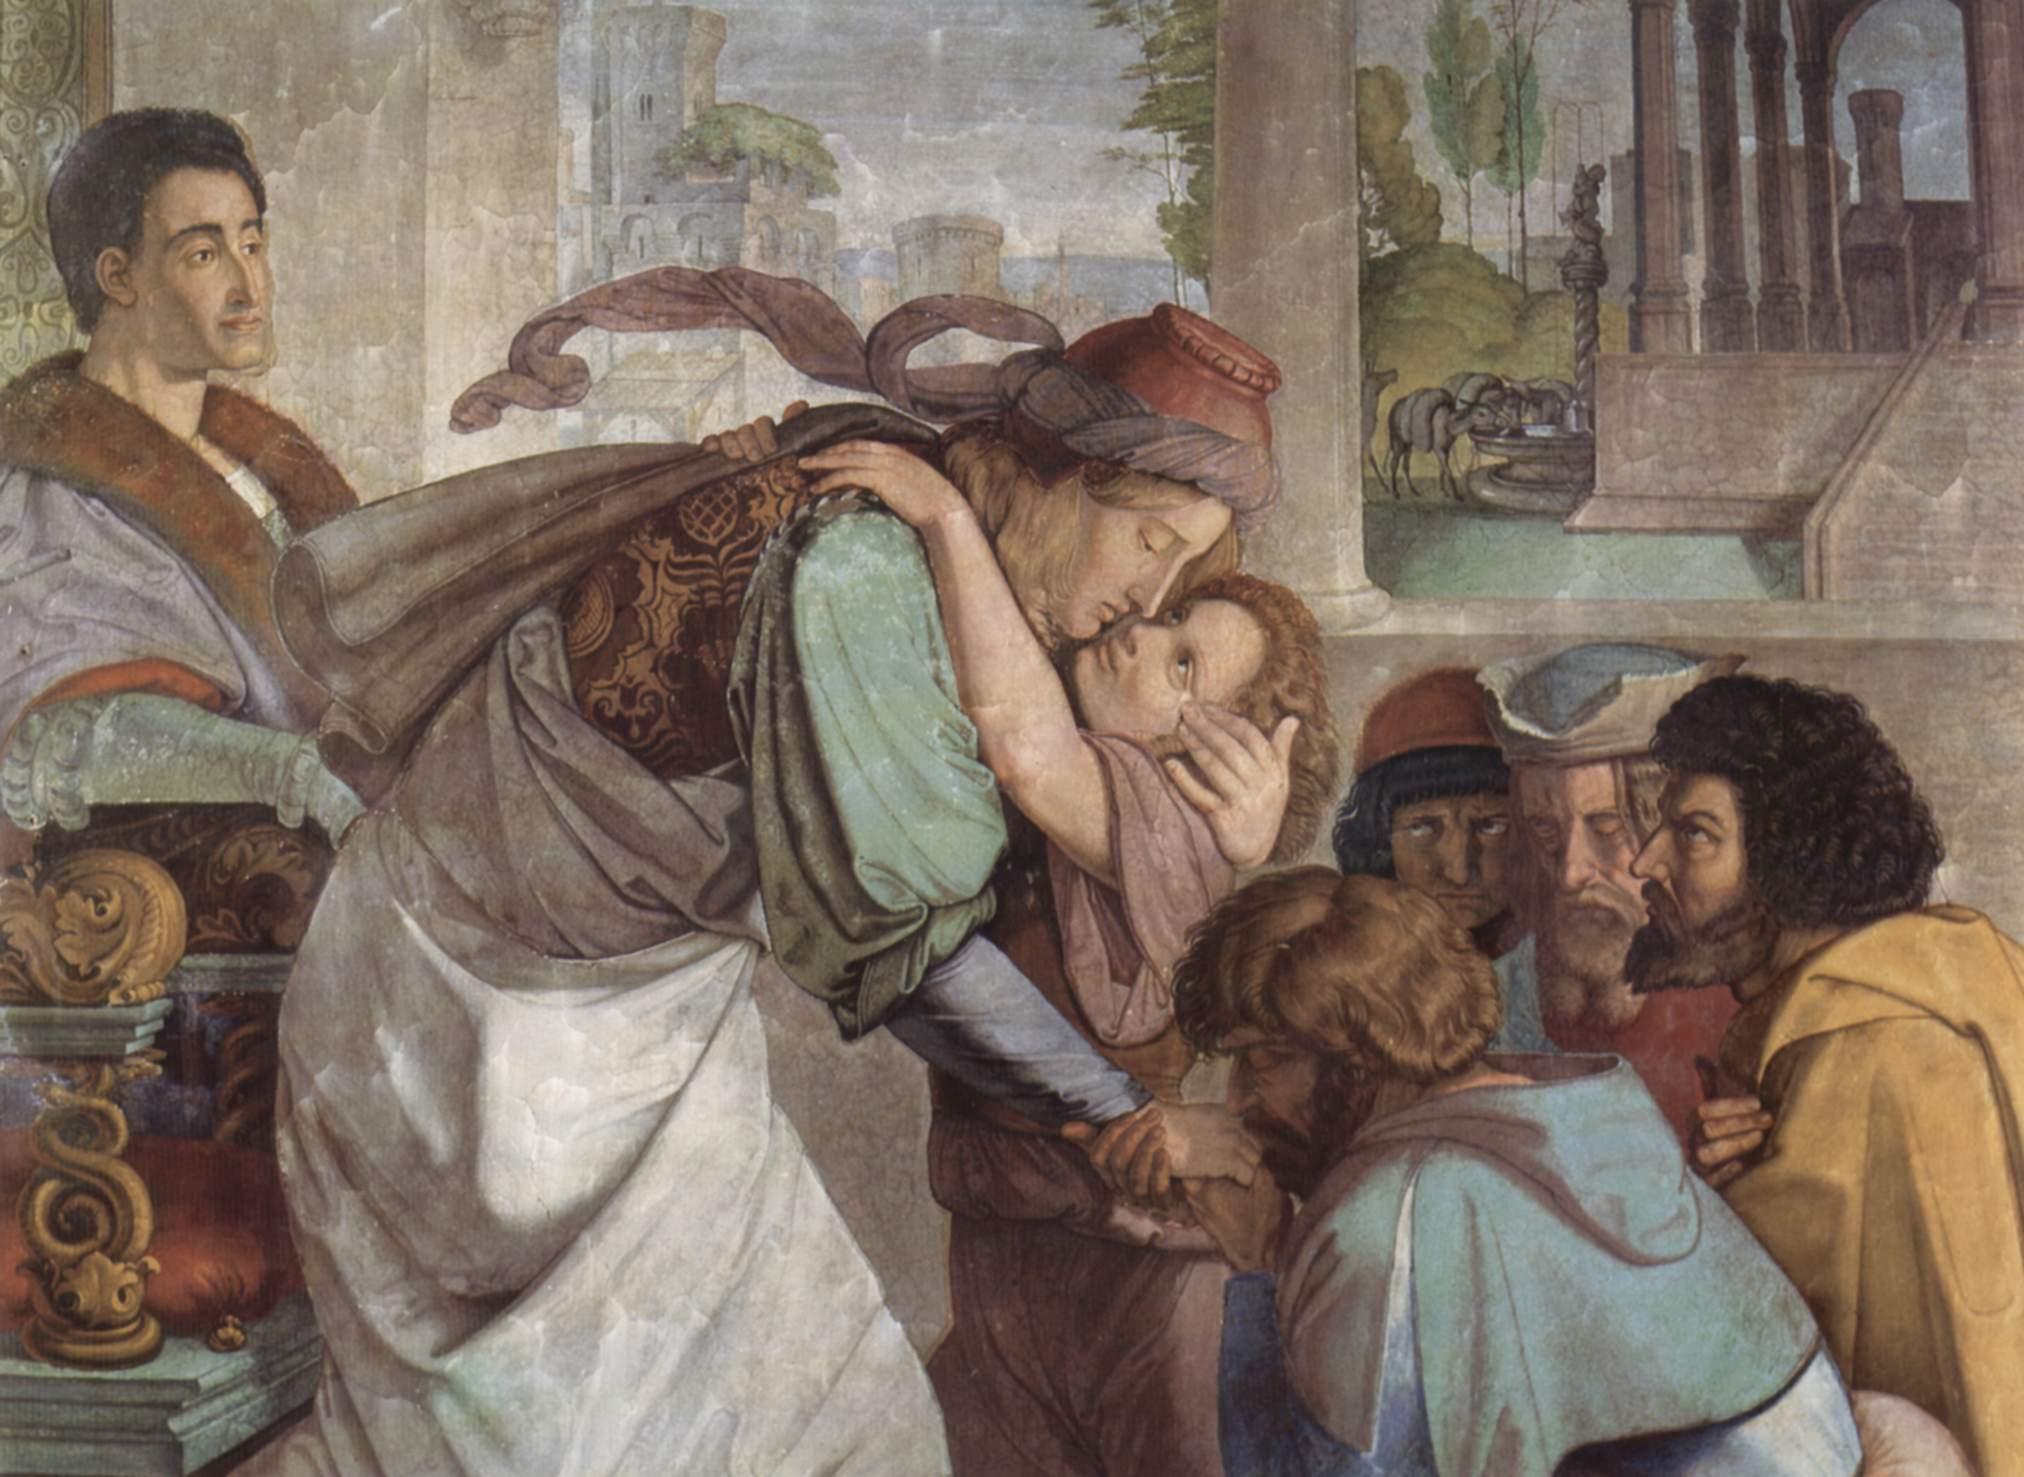 Фрески Каза Бартольди в Риме. Иосиф открывается своим братьям. Деталь, Петер фон Корнелиус